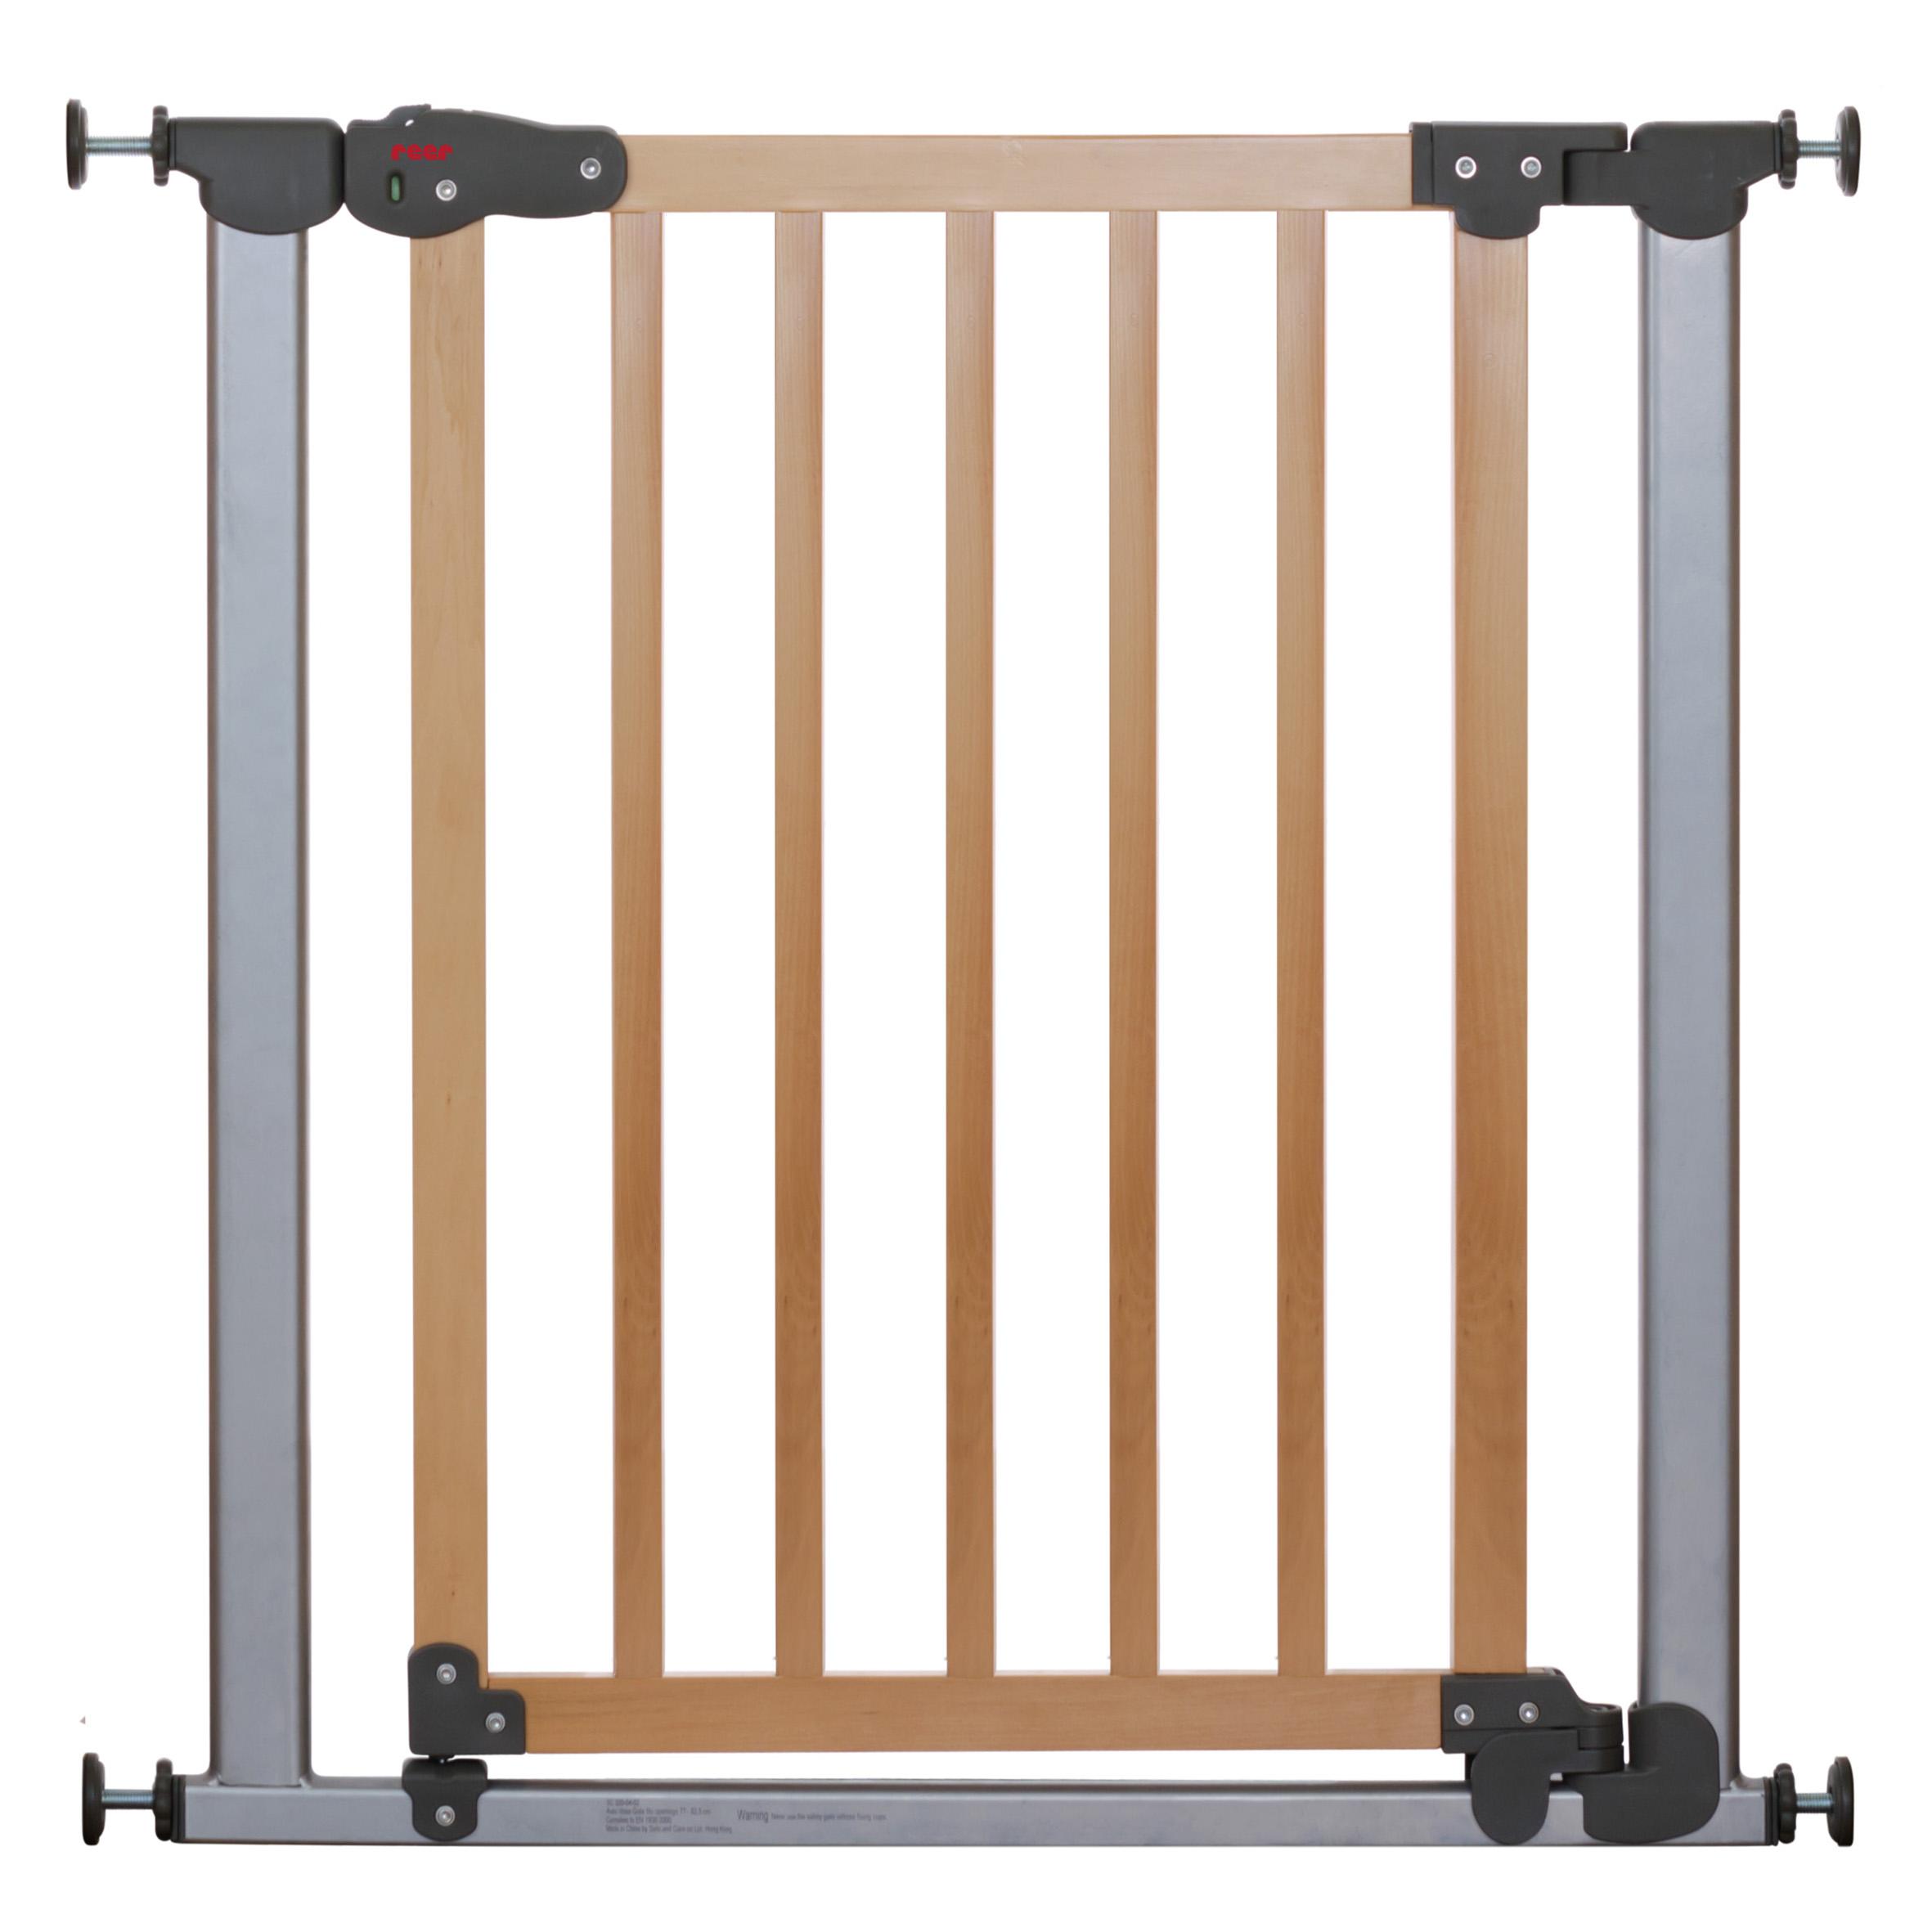 Reer Zábrana I Auto-Close kov/dřevo